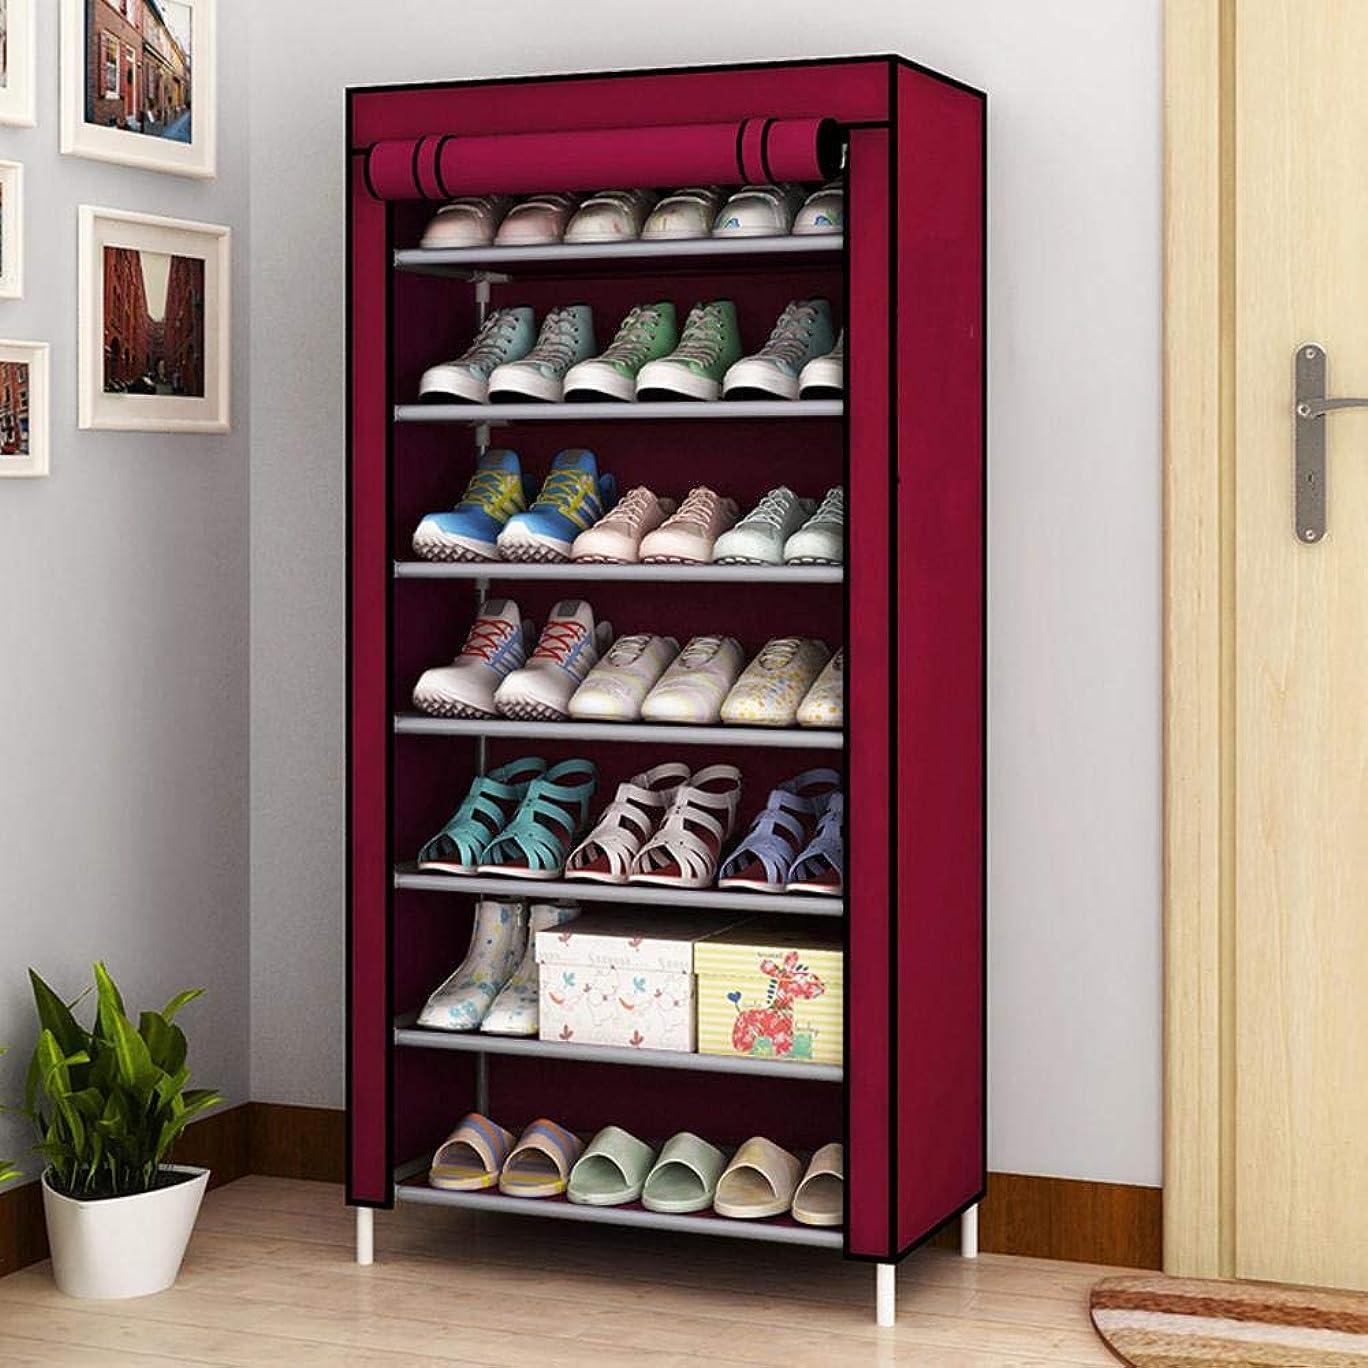 宙返り古代本当のことを言うとじゃない-織 靴箱,アセンブリ防塵 靴オーガナイザー 取り外し可能な大容量 シューズボックス 靴のキャビネット-f 60x30x128cm(24x12x50inch)